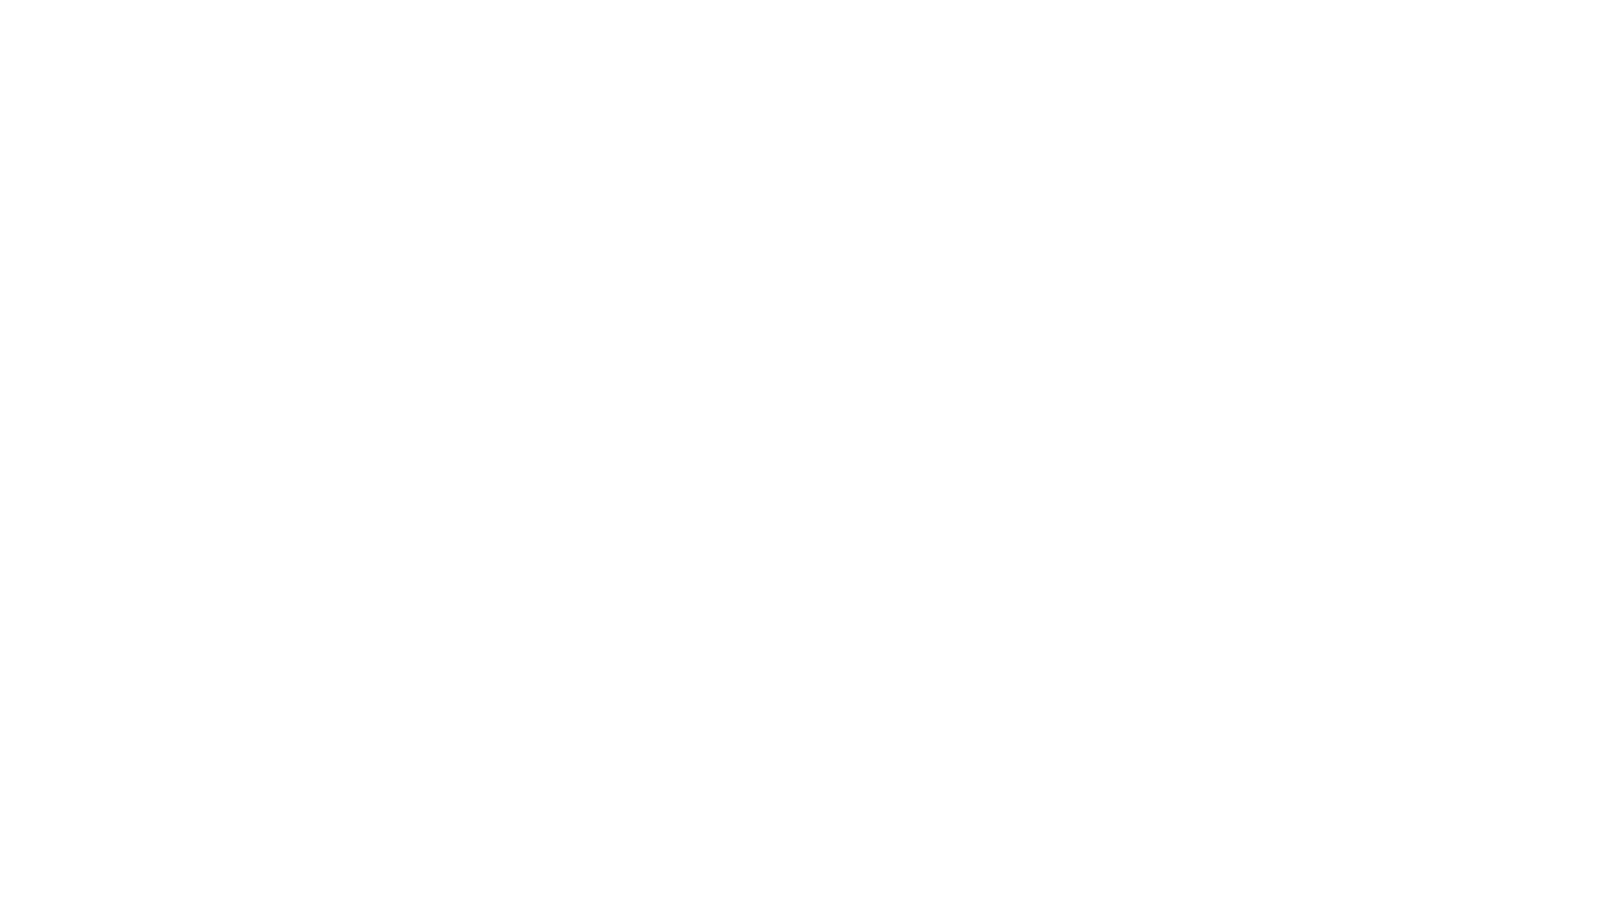 La rabia destructora de la Revolución que golpea de forma recurrente y en apariencia sin sentido sirve para que políticos como Pedro Sánchez parezcan hermanitas de la caridad. Es una pinza que siempre ha funcionado así. Sans-culottes y girondinos, bolcheviques y mencheviques, etarras y peneuvistas, poli malo y poli bueno, el árbol y las nueces…